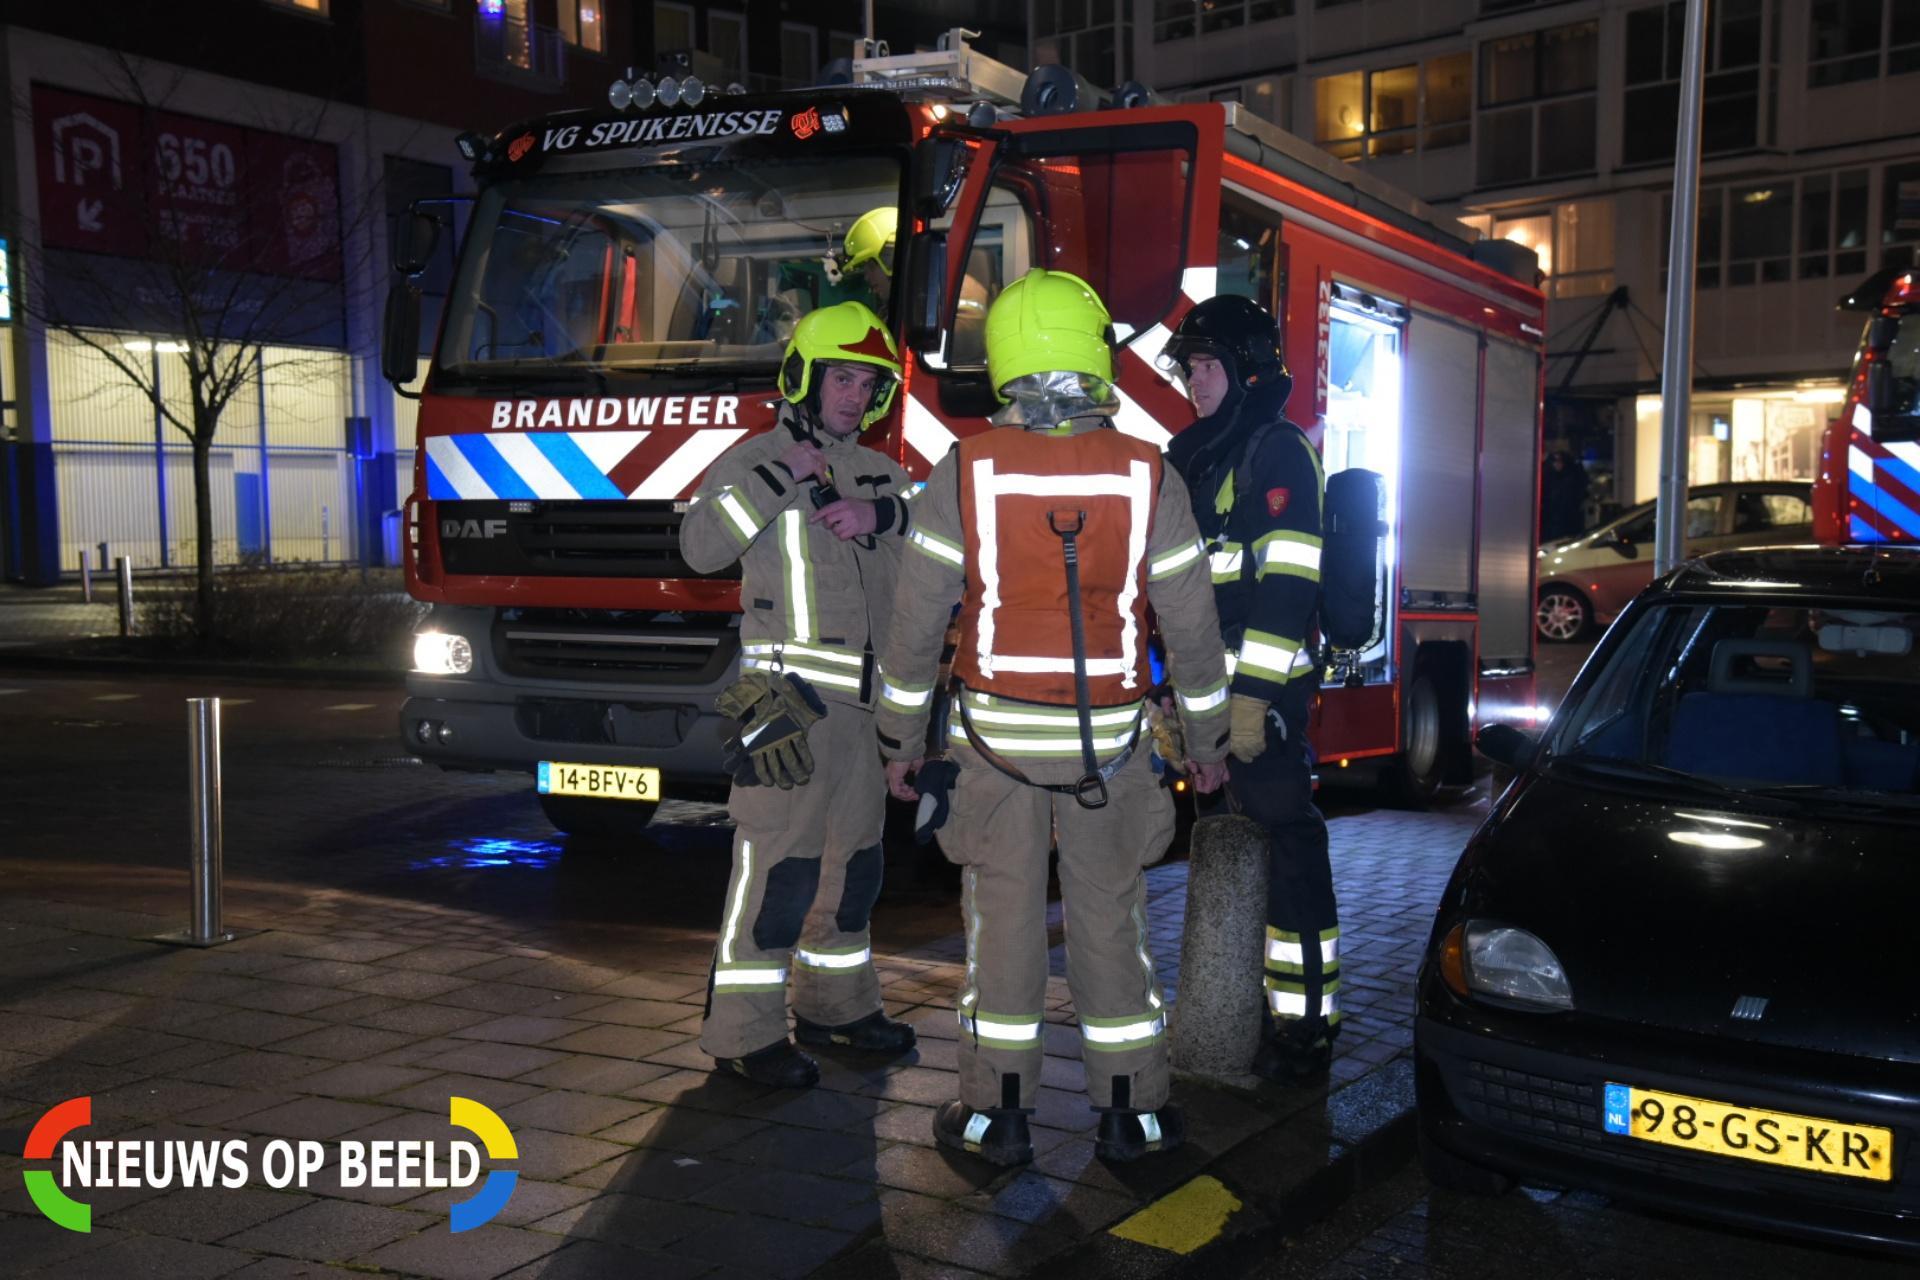 Oliebollen bakken zorgt voor brandmelding Gorsstraat Spijkenissse